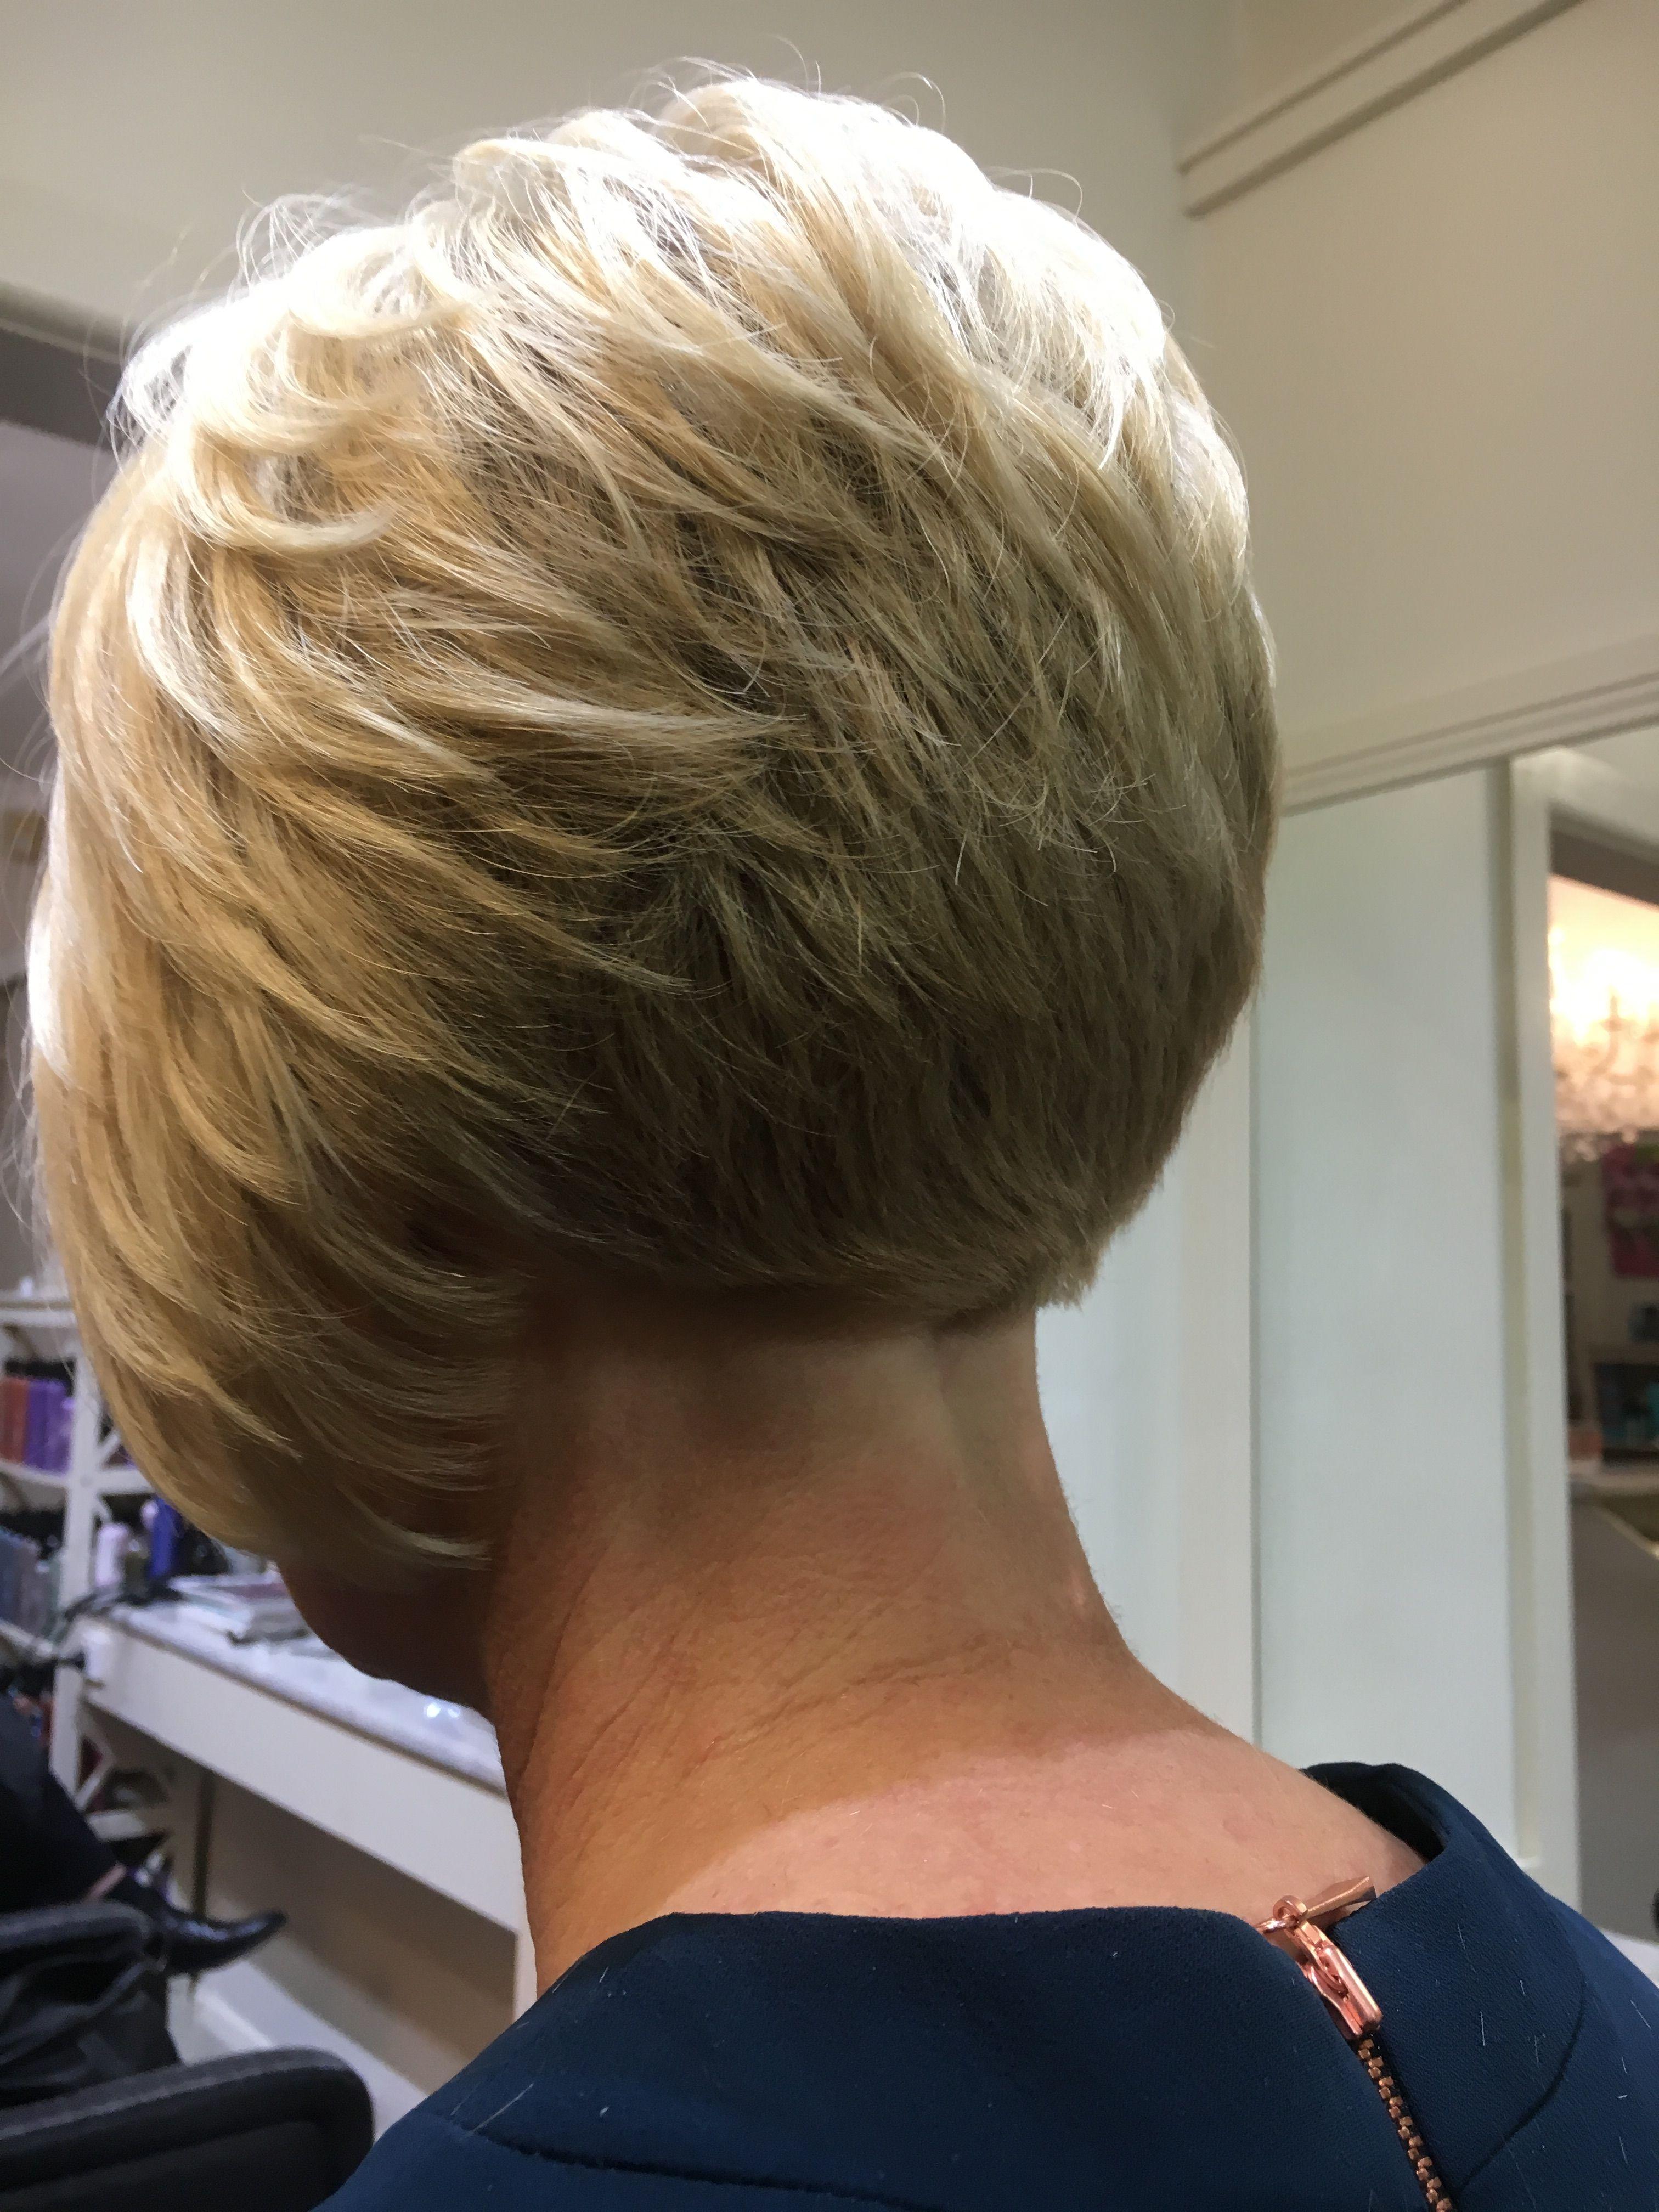 вот стрижка короткие волосы с поднятым затылком фото товары, пользующиеся